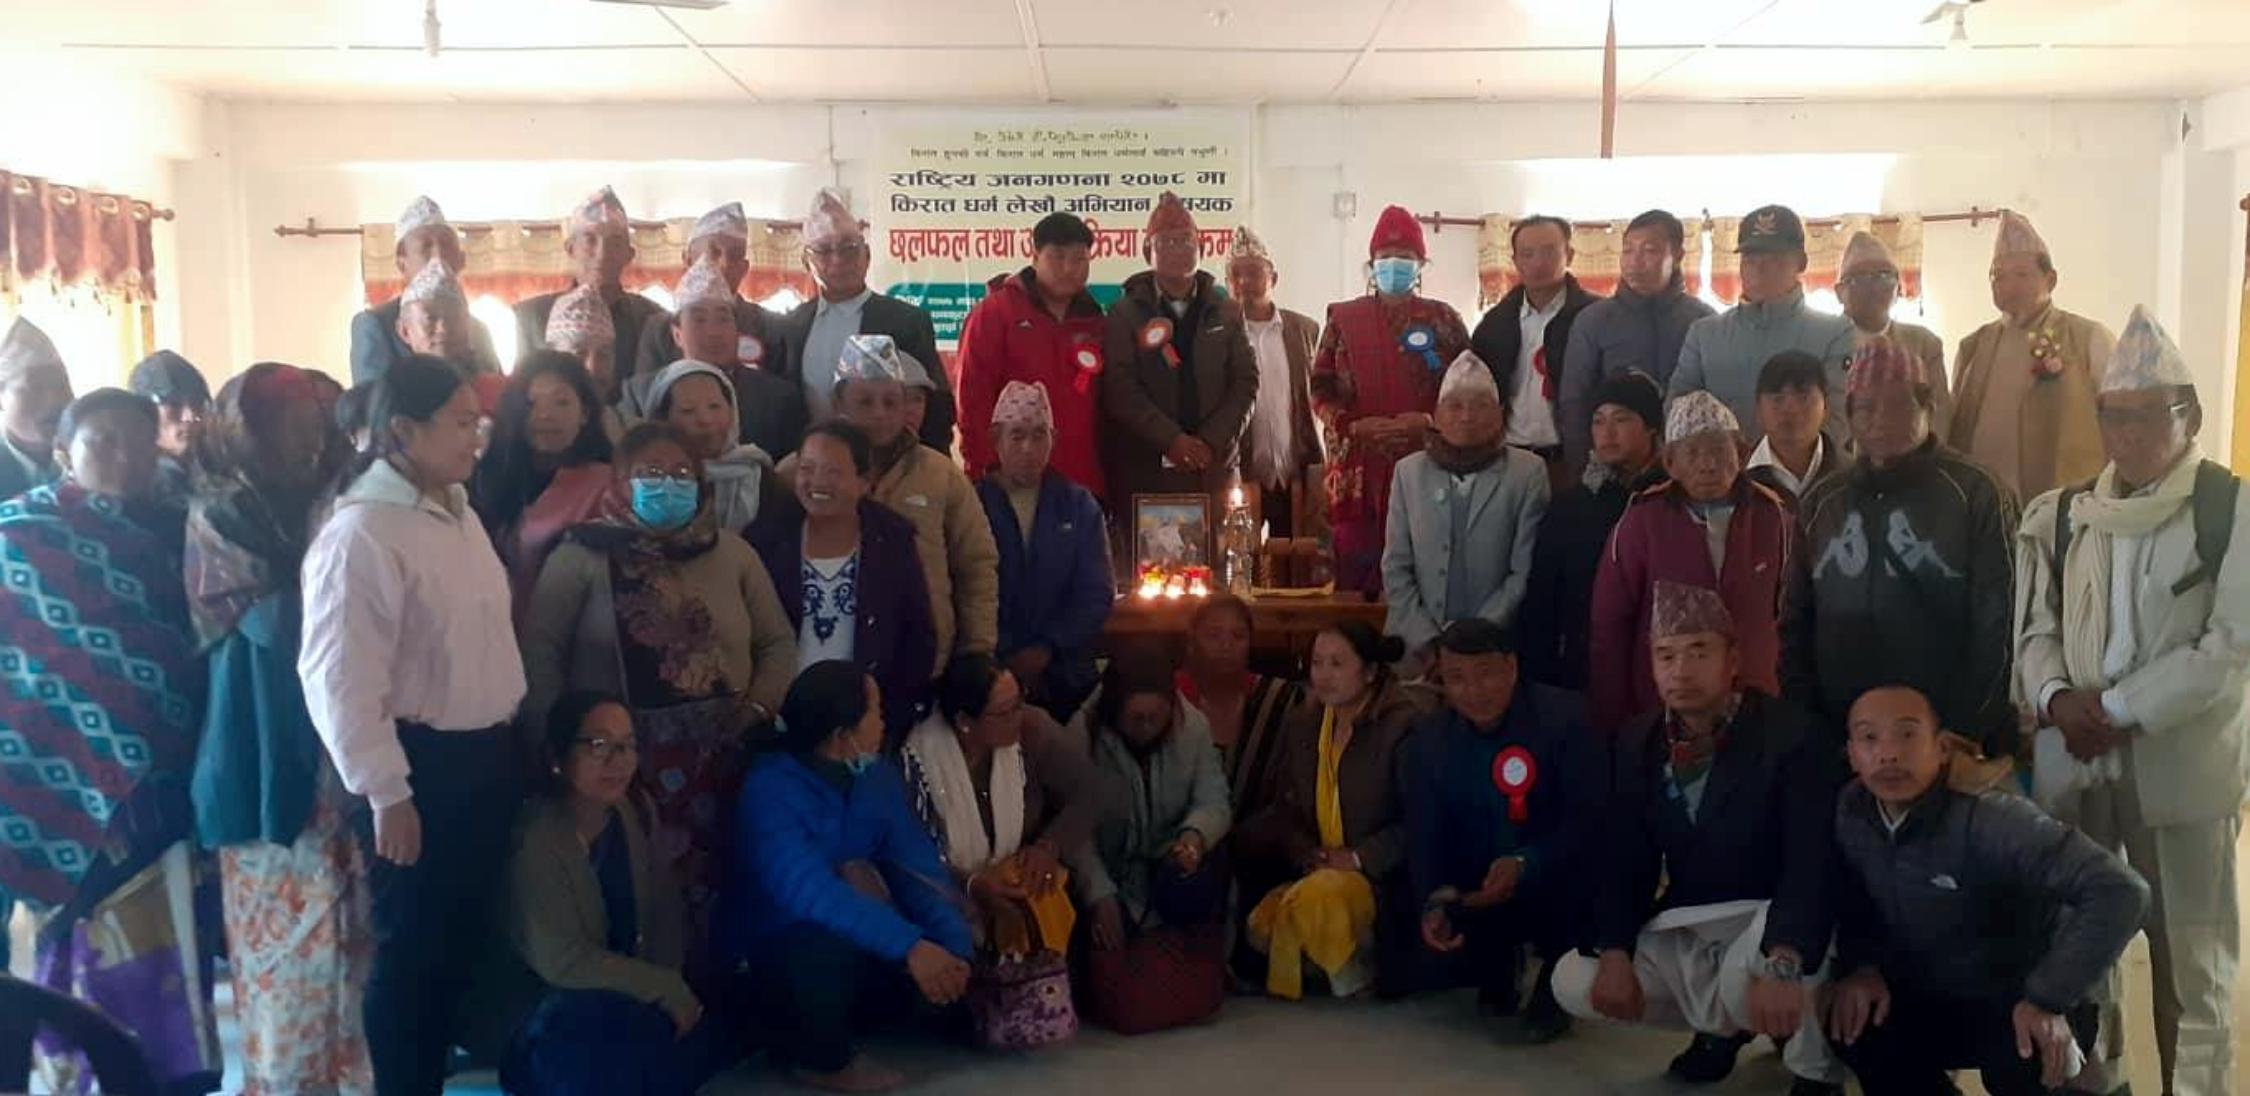 धनकुटामा किरात धर्म लेखौं अभियान संगठन विस्तार